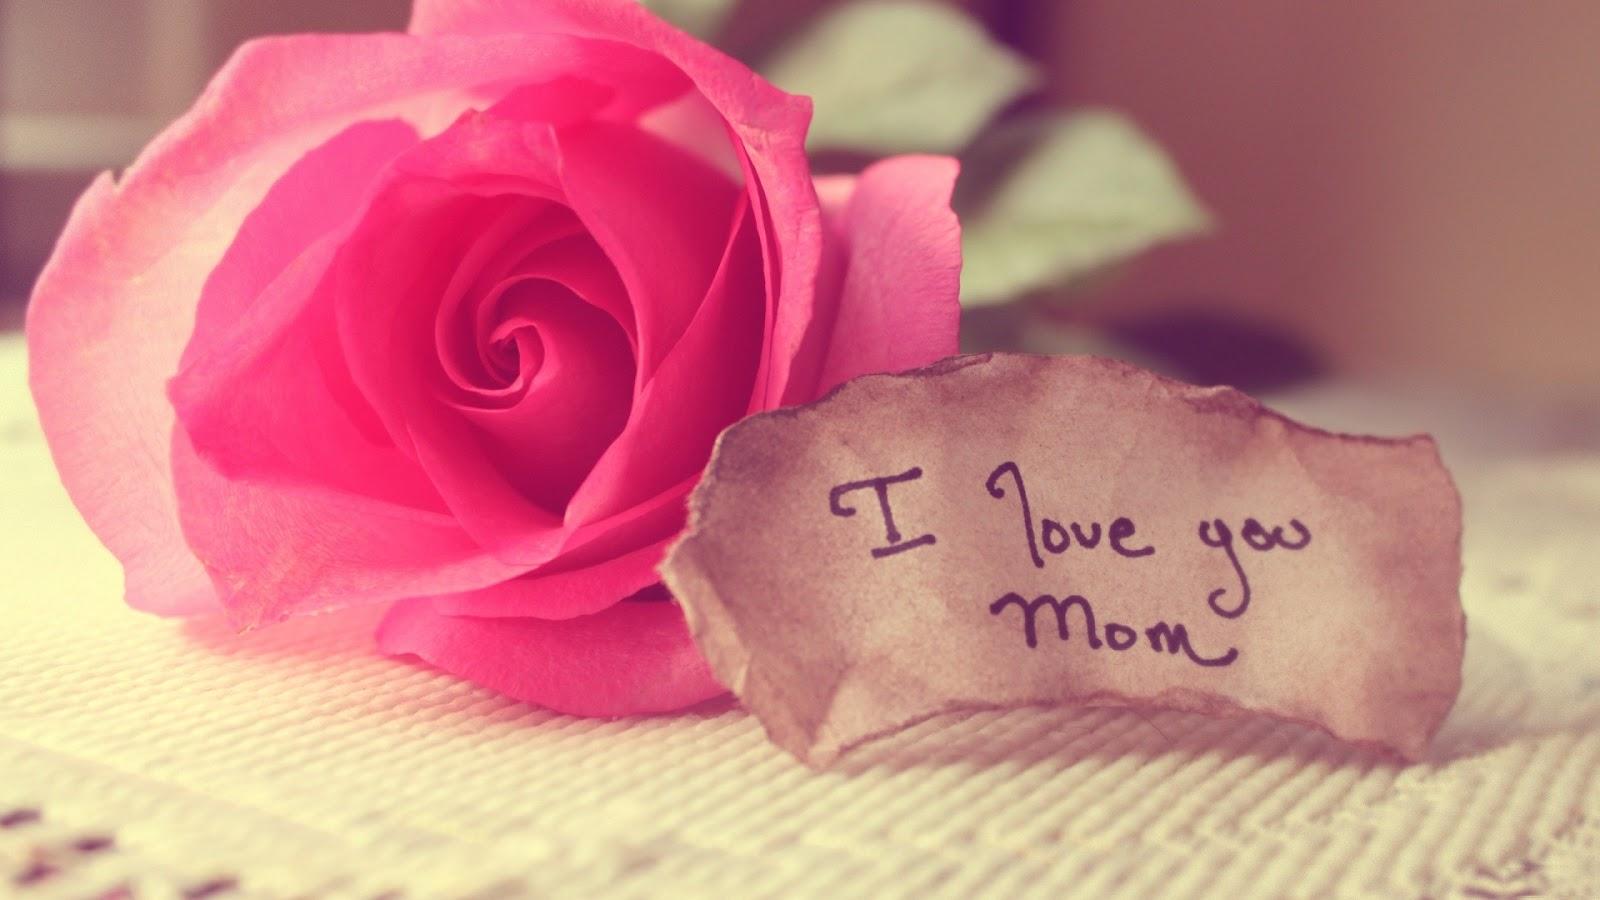 http://4.bp.blogspot.com/-aoy_wXgW9VU/UNKYJf5Z65I/AAAAAAAACTY/Yxh-SIgy6h0/s1600/I-Love-You-Mom-Wallpapers-HD-Wallpaper.jpg